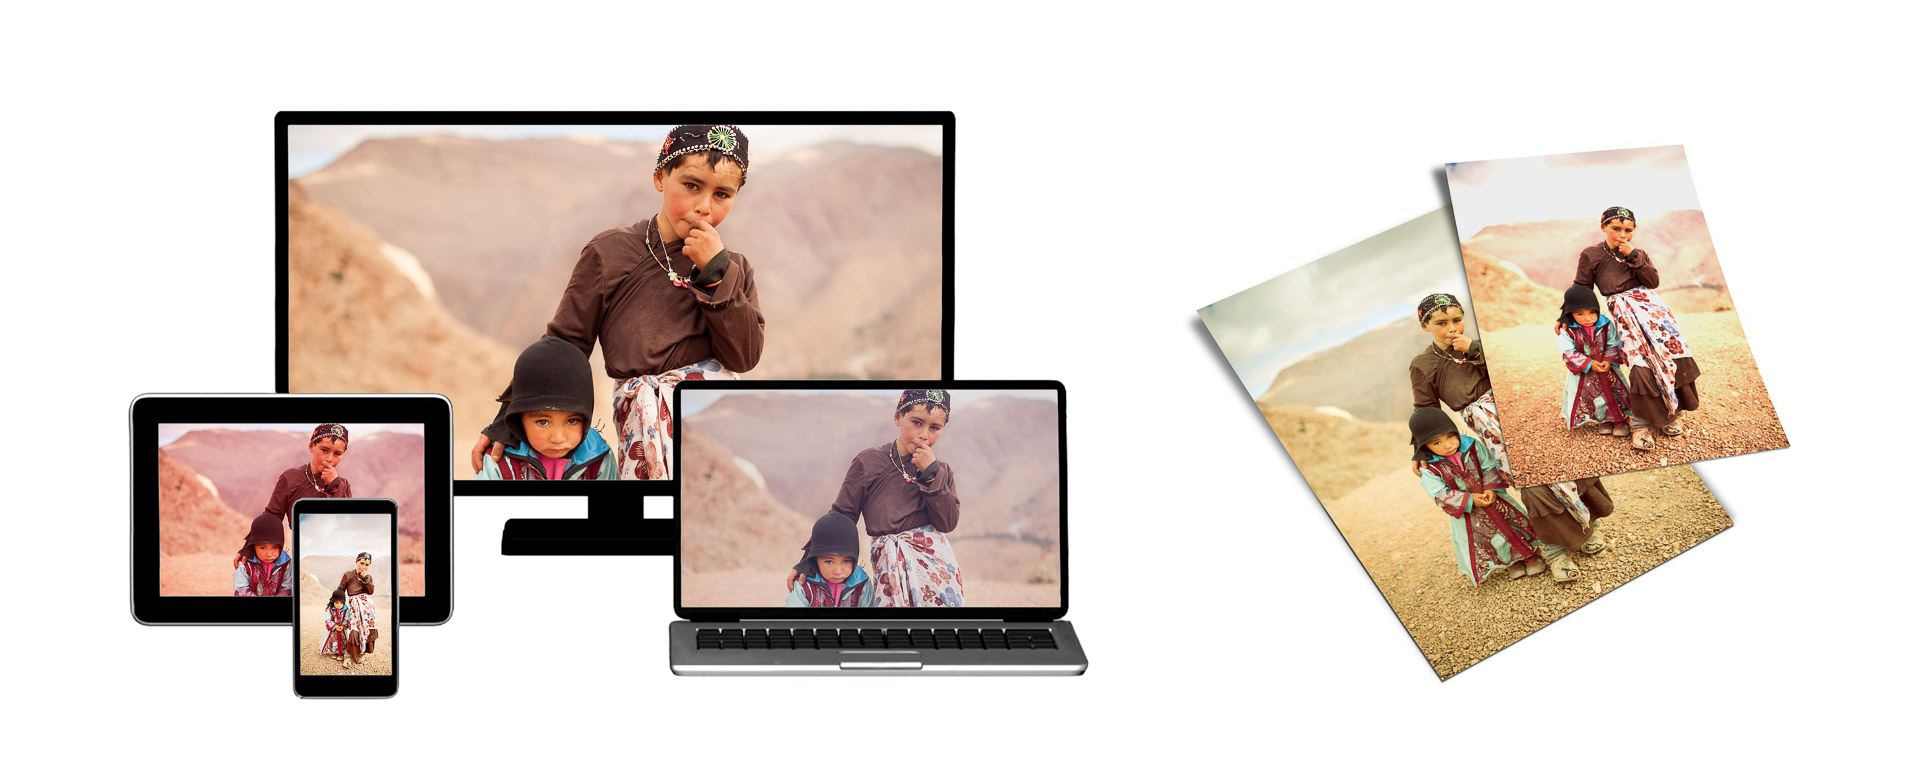 Le foto appaiono con colori diversi su dispositivi diversi: monitor, stampe, smartphone, schermo del computer portatile